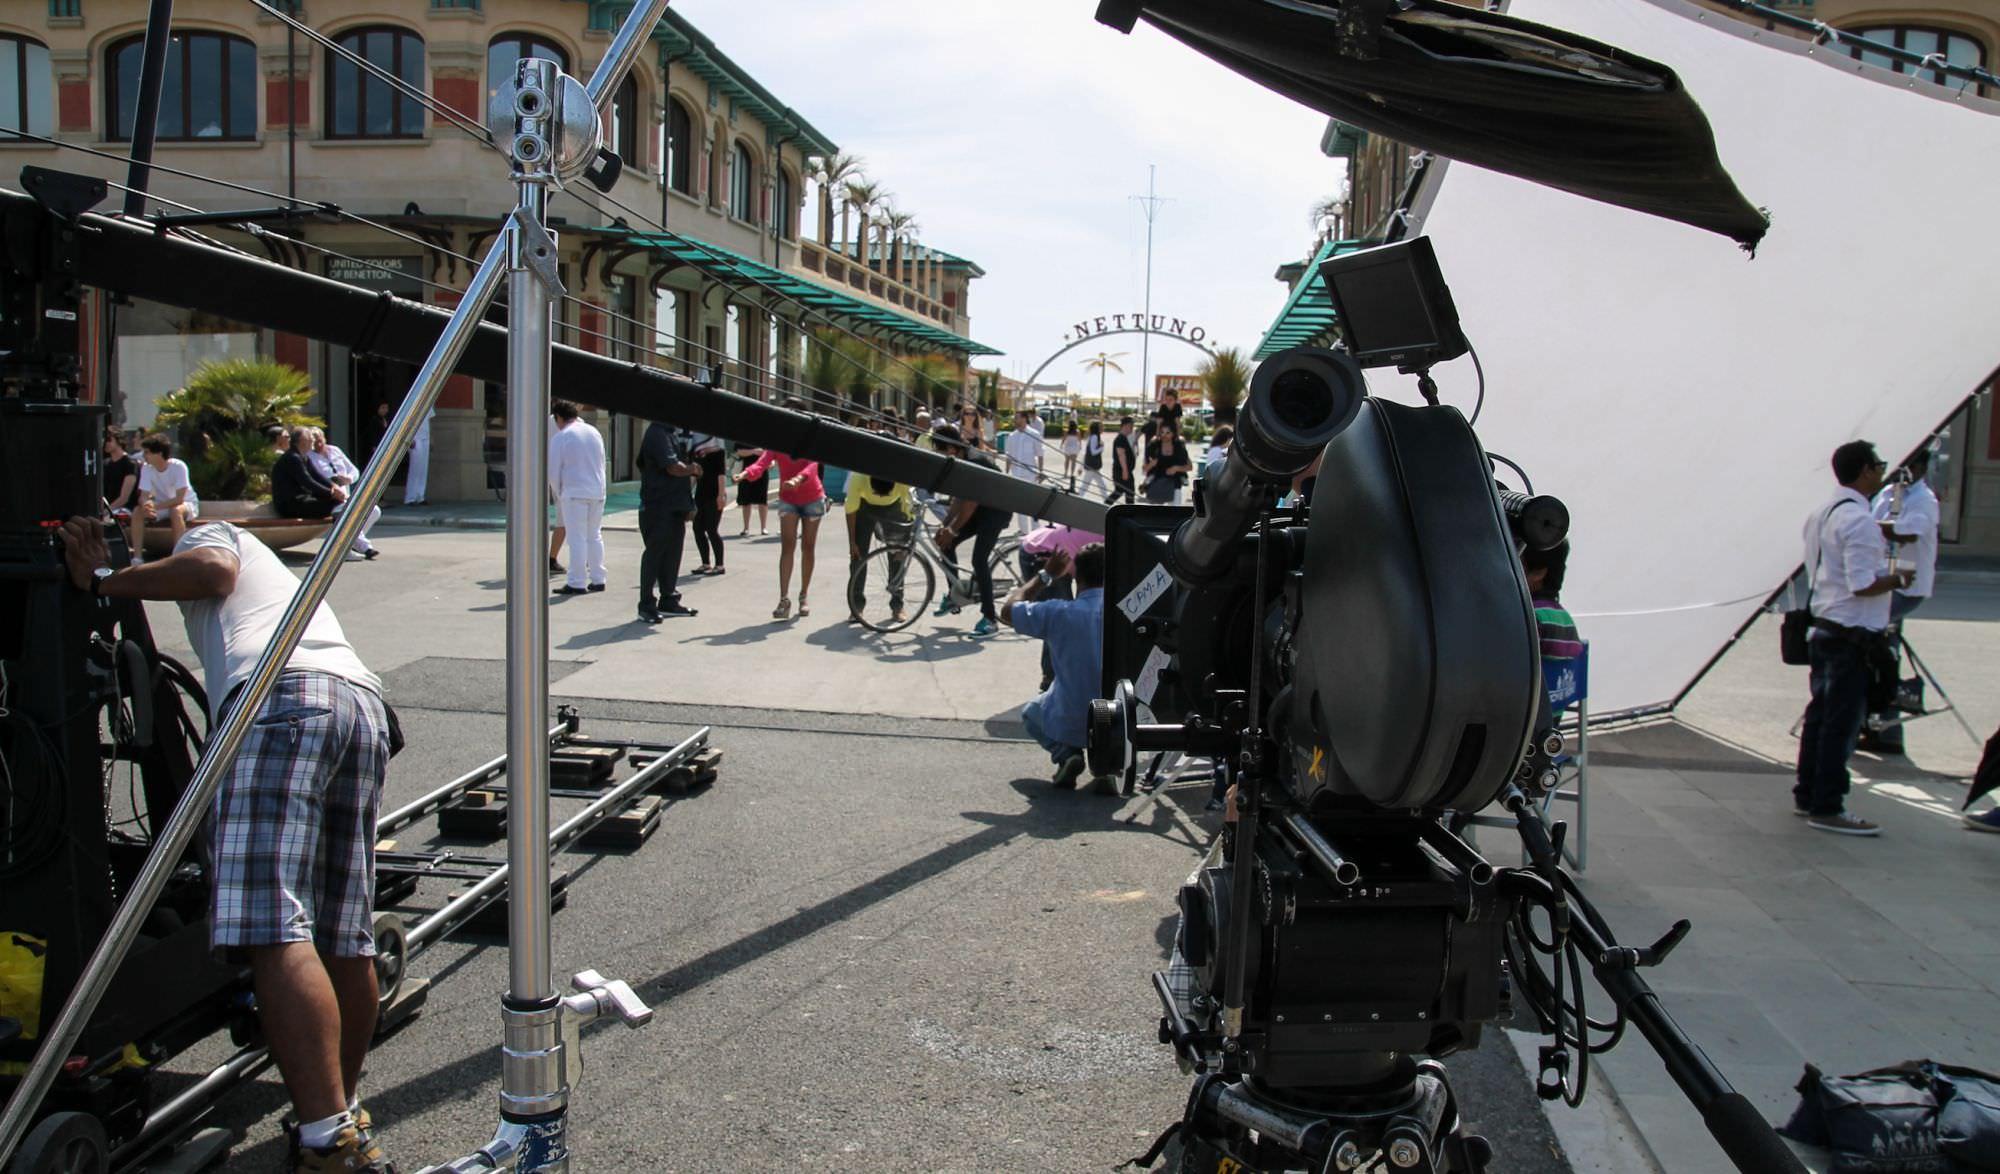 La passeggiata di viareggio diventa il set di un film